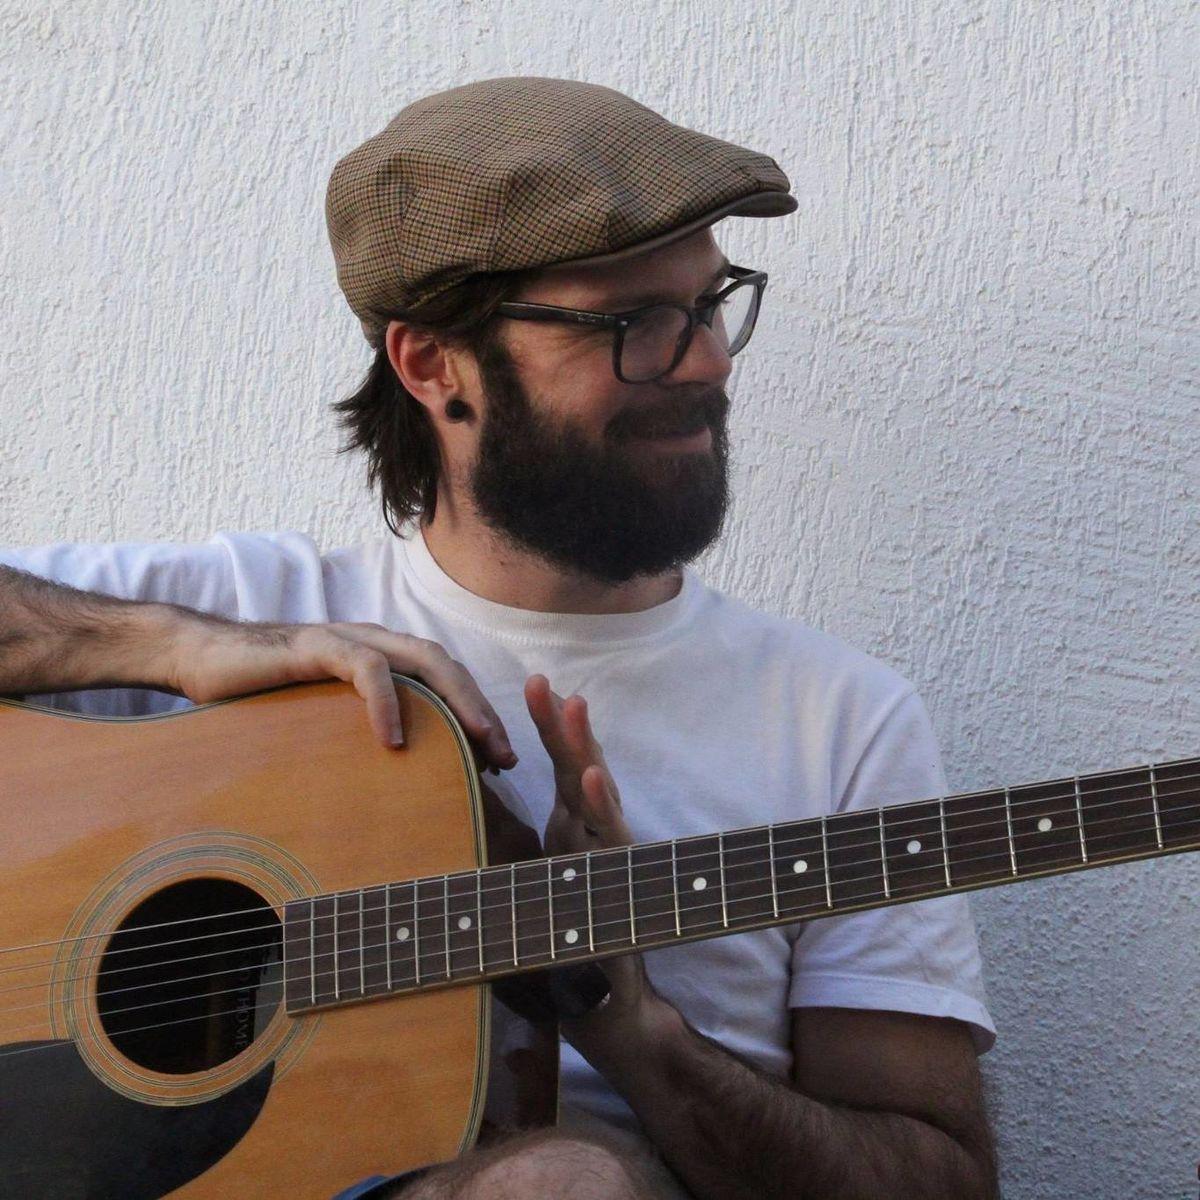 Diogo Bonadiman Goltara é antropólogo e músico. Realiza pesquisa sobre religiosidade de matriz africana em comunidades remanescentes de quilombos no sul do Espírito Santo. É bolsista de pós-doutorado da UFES (CAPES/FAPES).